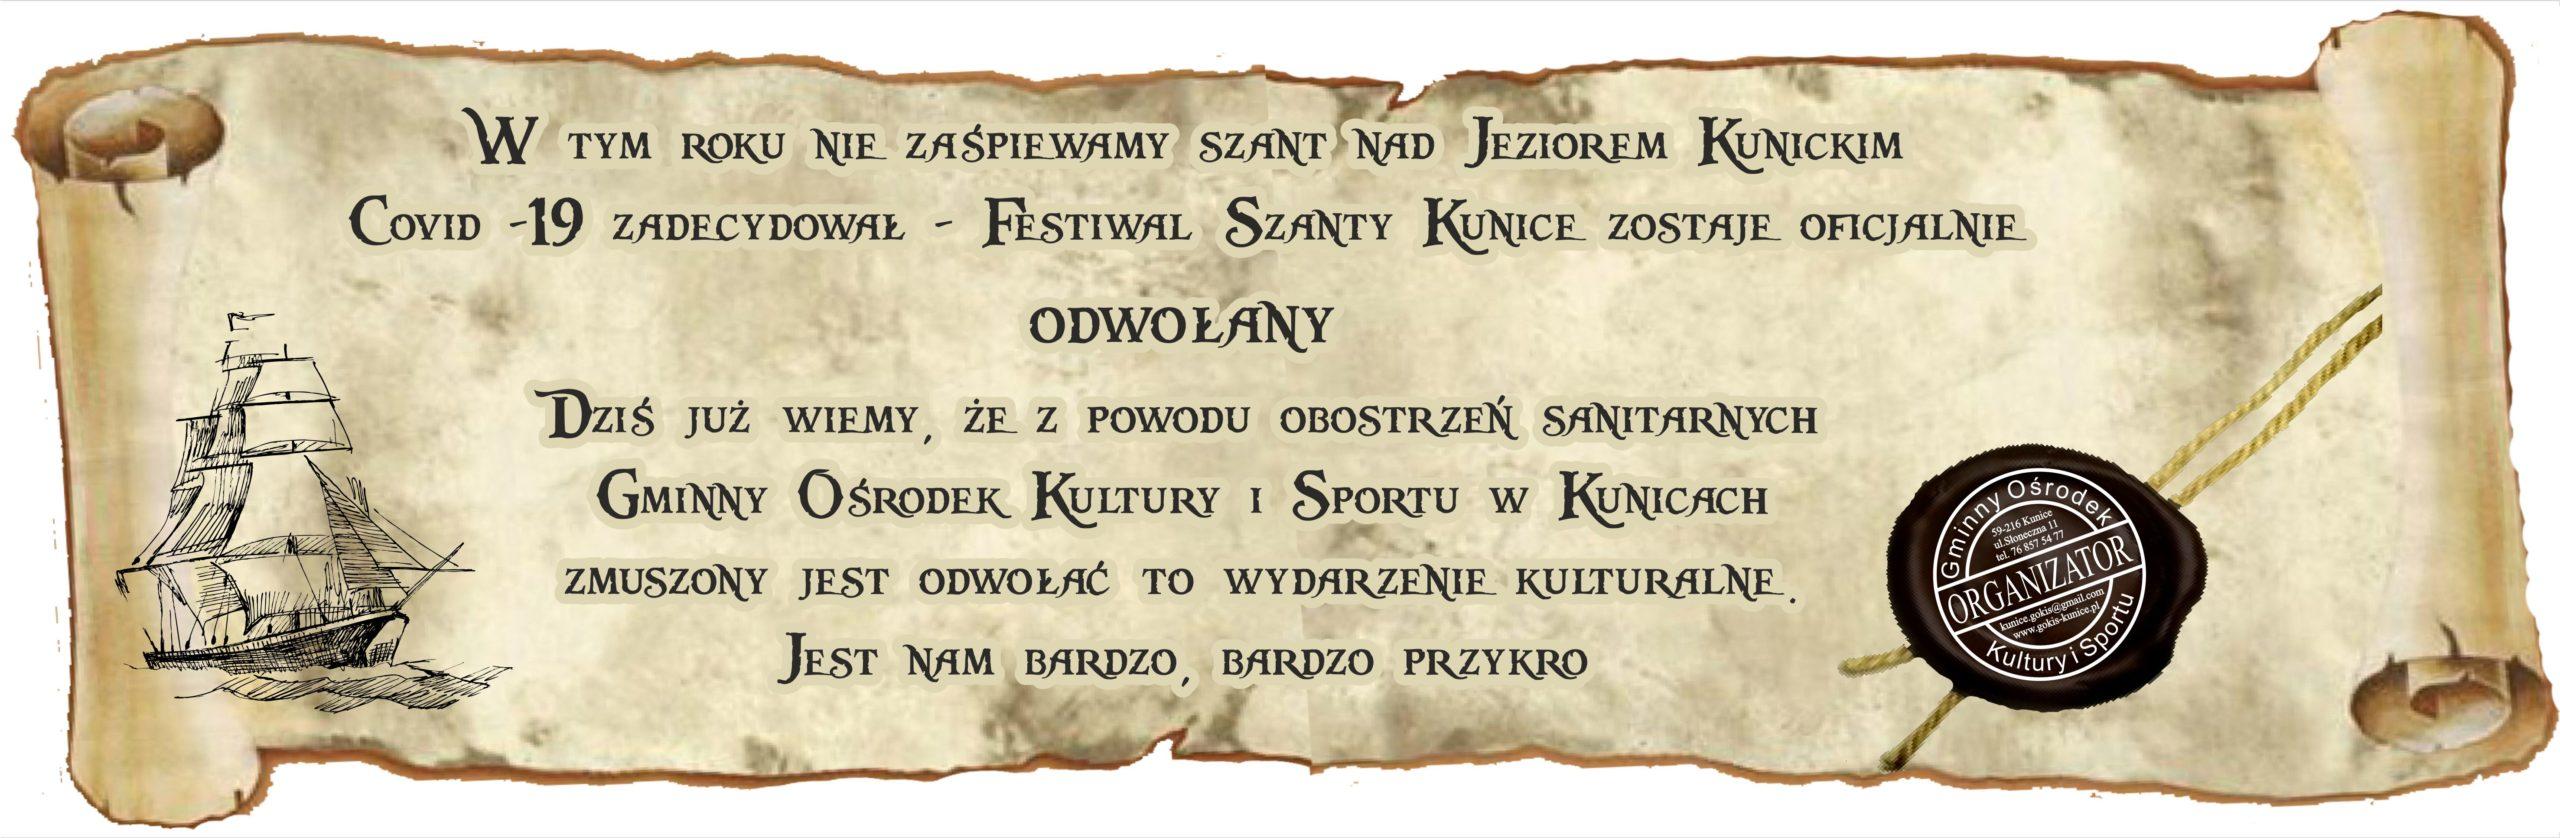 http://www.gokis-kunice.pl/2020/06/25/tegoroczne-szanty-oficjalnie-odwolane/?fbclid=IwAR0FRf7pWE-hZHo_EvO_xcZLBrpYEVEHvss9WpH6upcJFVDXm88s7KLTT6M